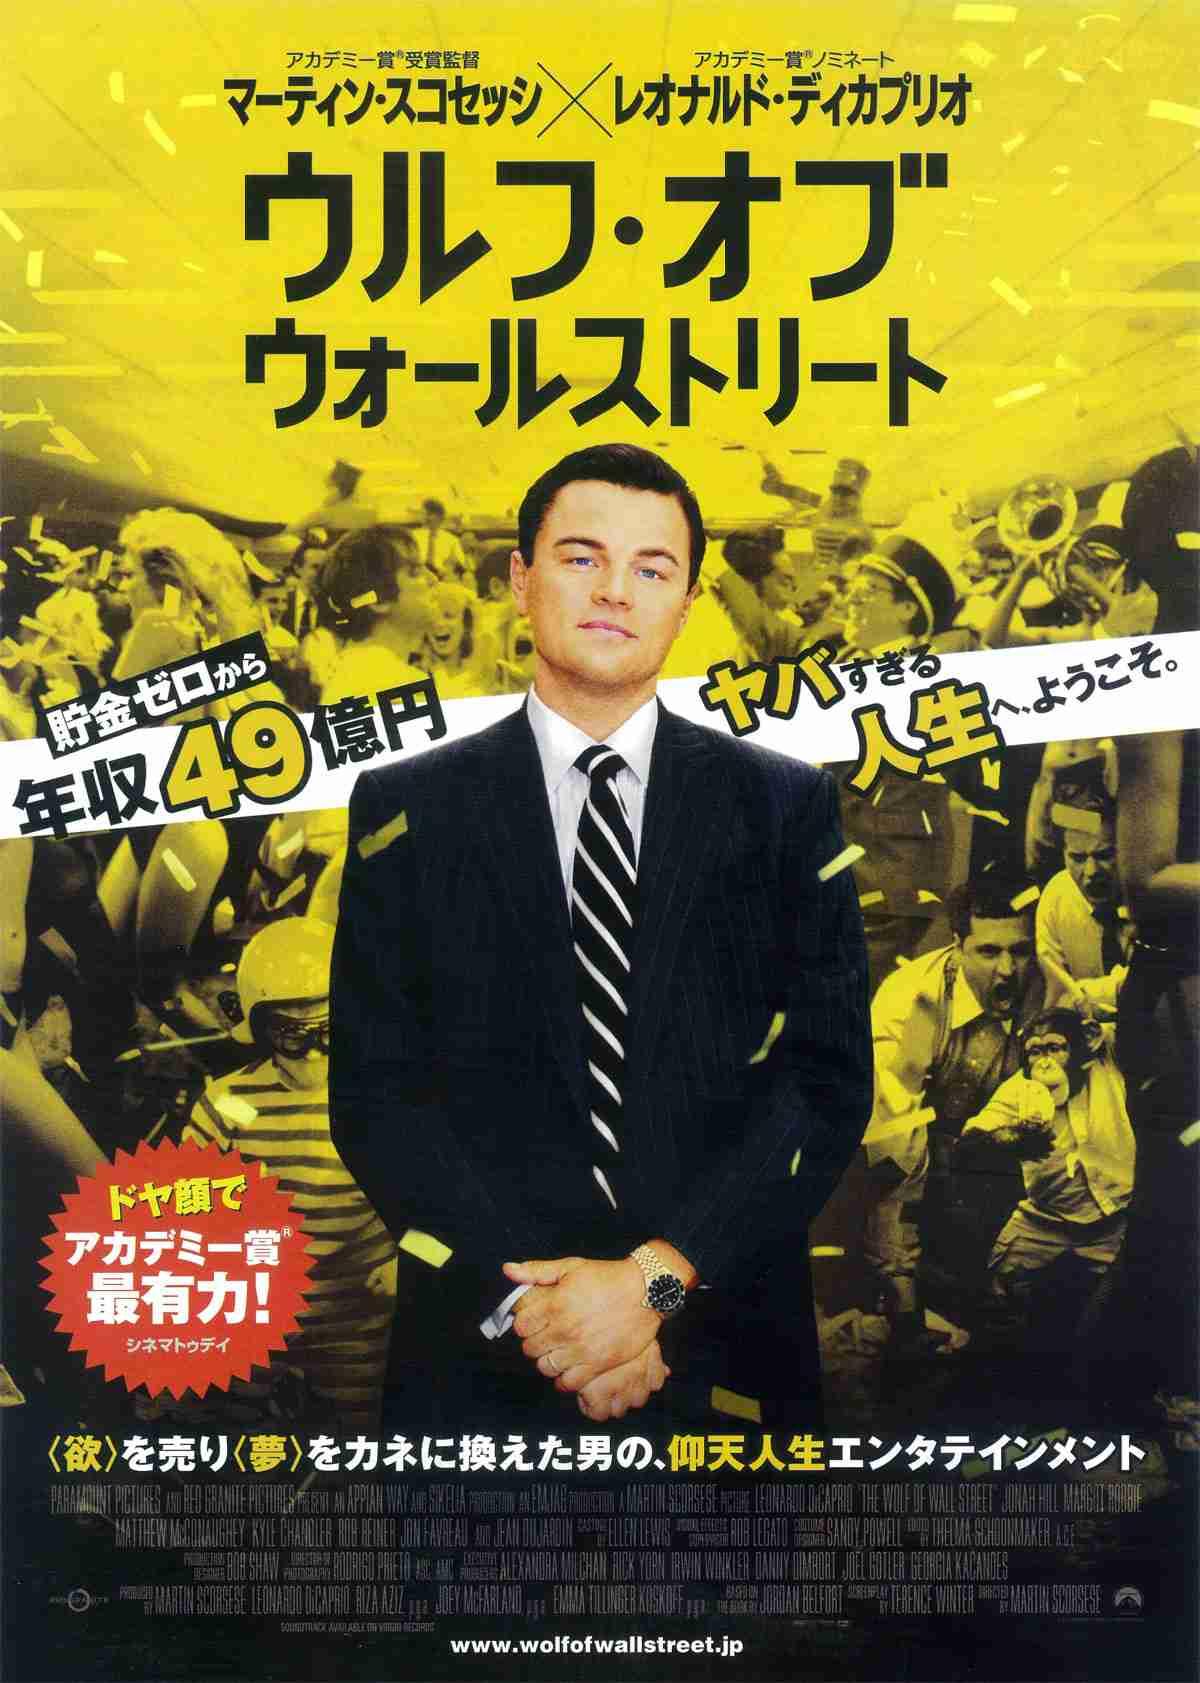 ウルフ・オブ・ウォールストリート - 作品 - Yahoo!映画